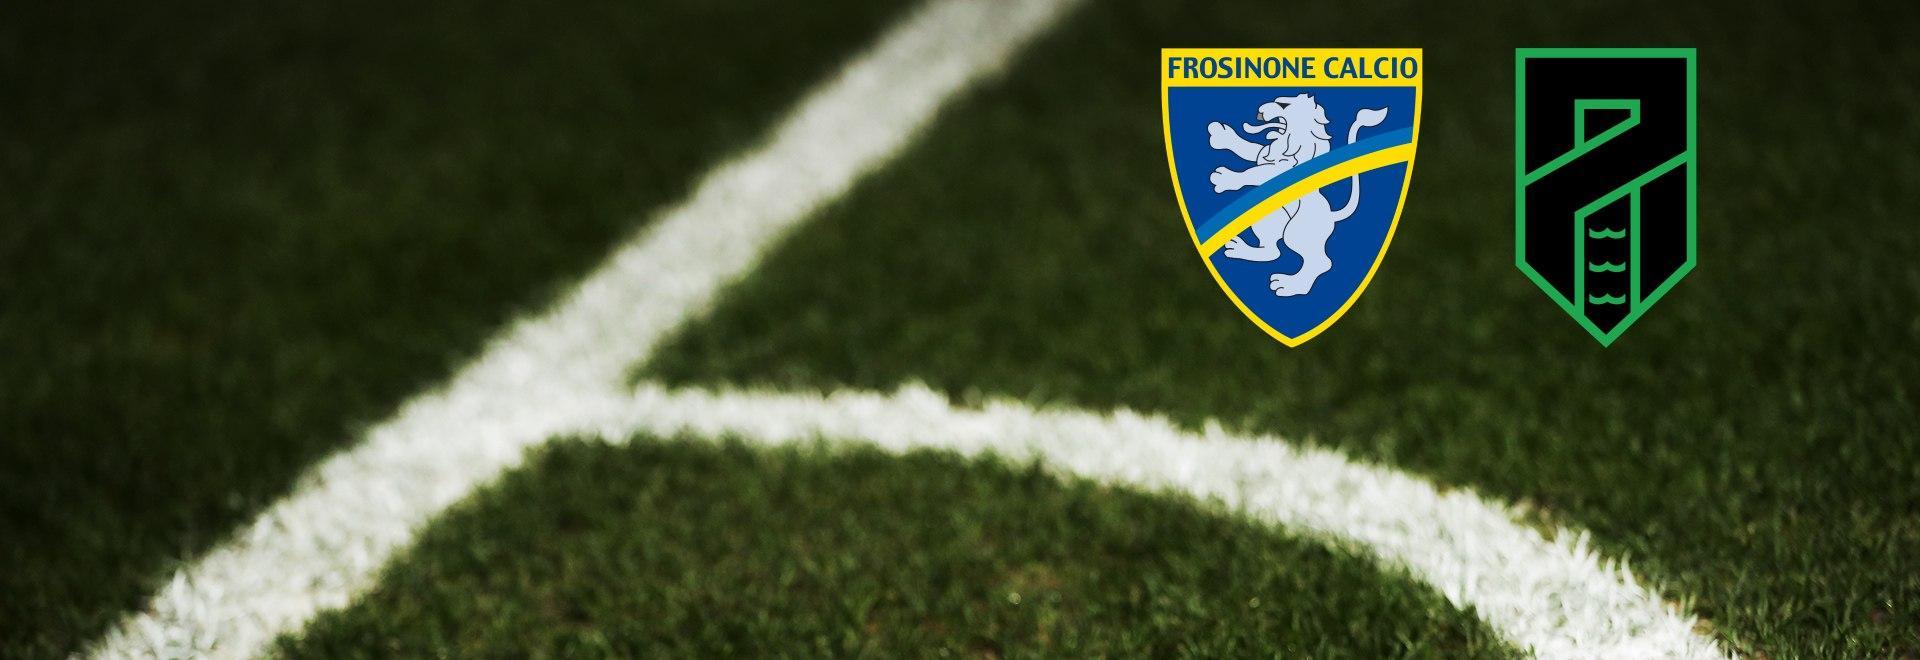 Frosinone - Pordenone. Playoff Semifinale